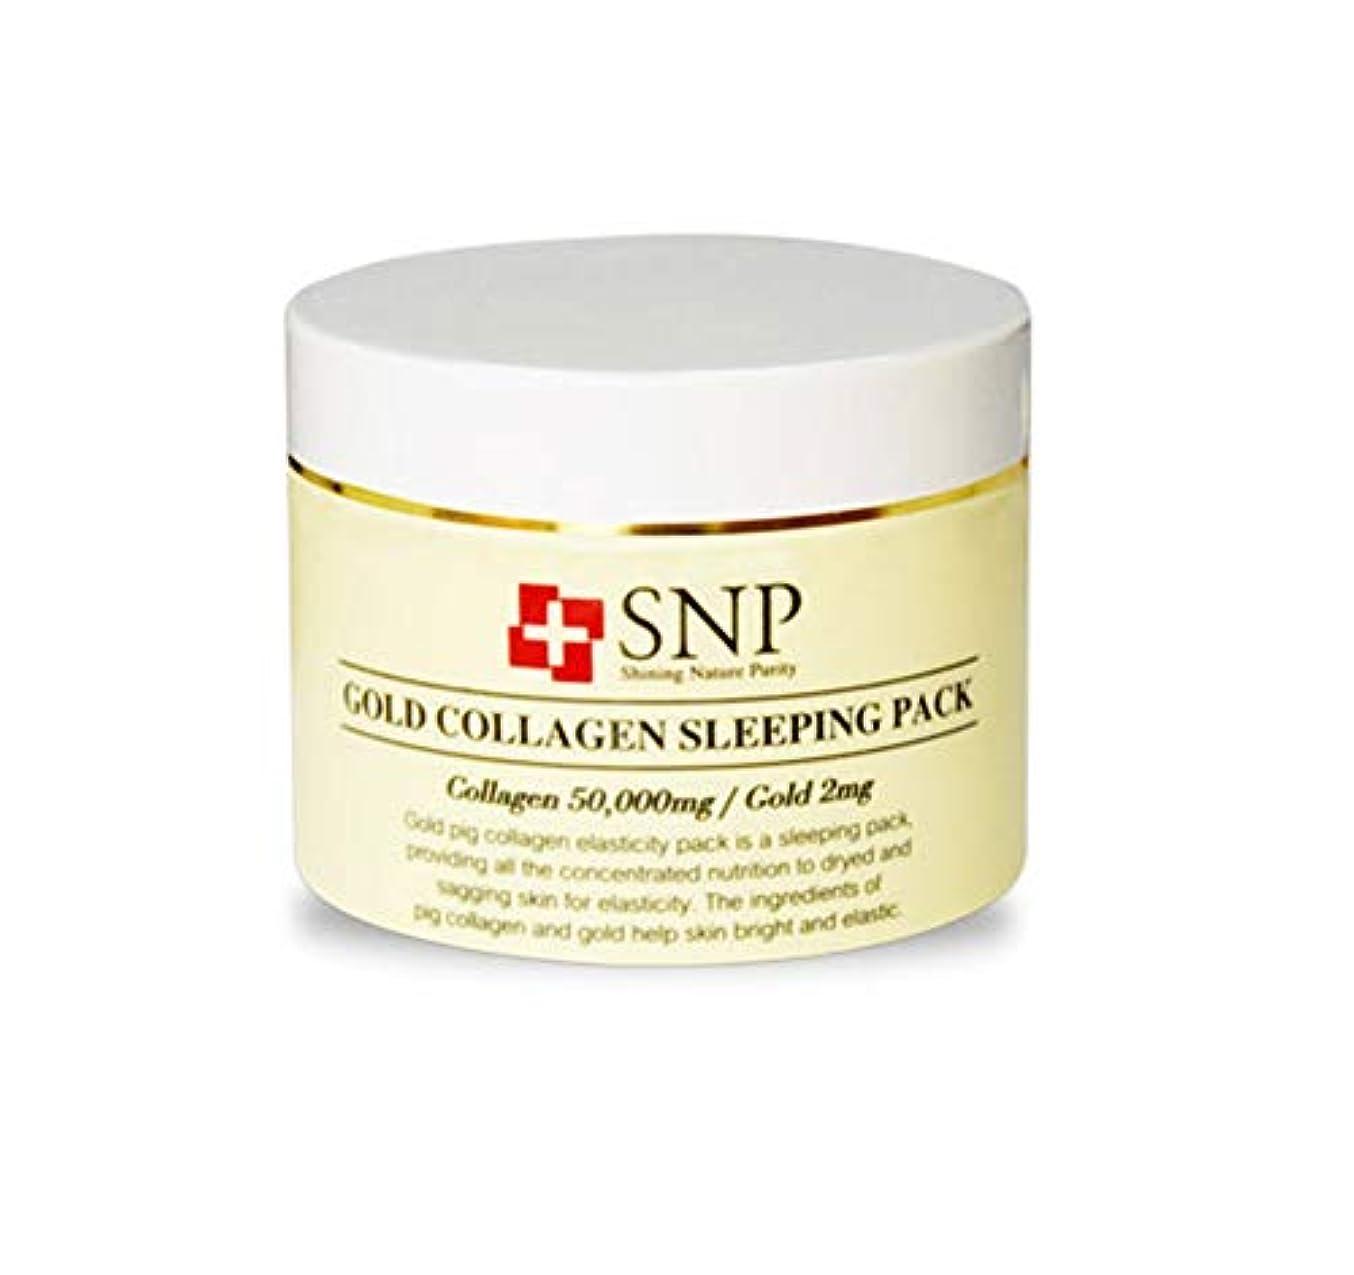 ミネラルヒョウ生エスエンピSNP 韓国コスメ ゴールドコラーゲンスリーピングパック睡眠パック100g 海外直送品 SNP Gold Collagen Sleeping Pack Night Cream [並行輸入品]